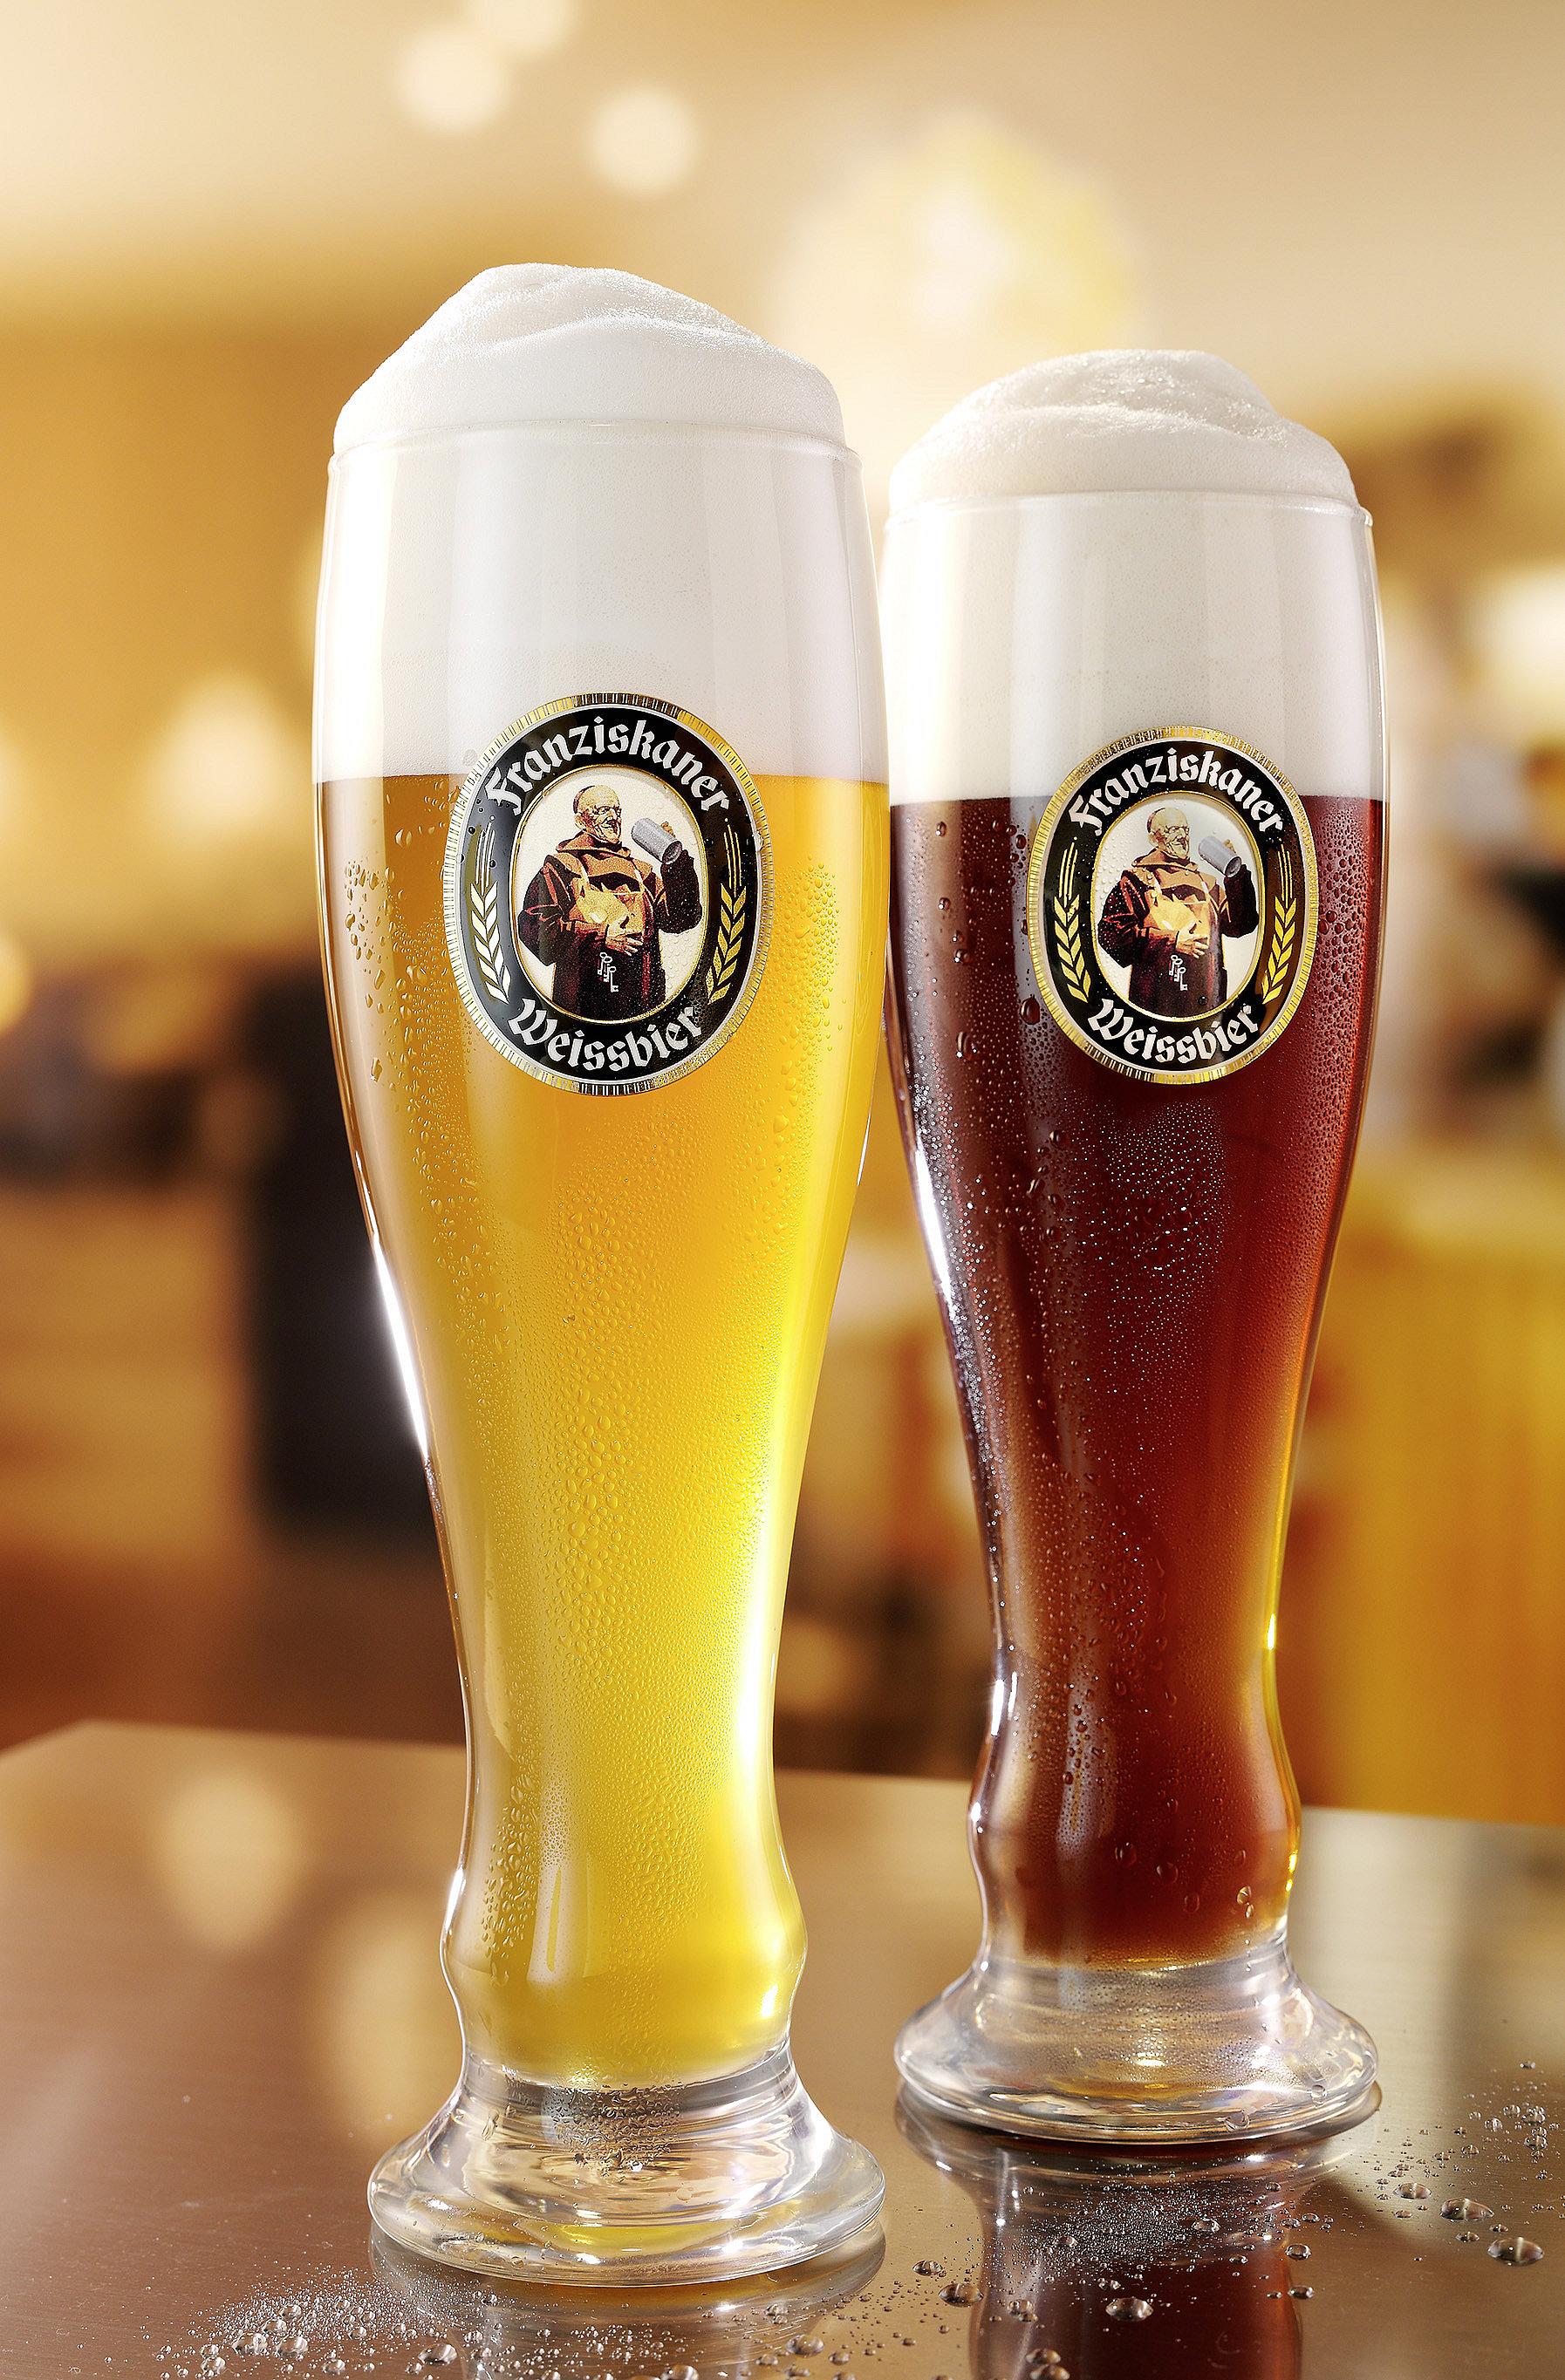 Franziskaner Biergläser in einer Kneipe